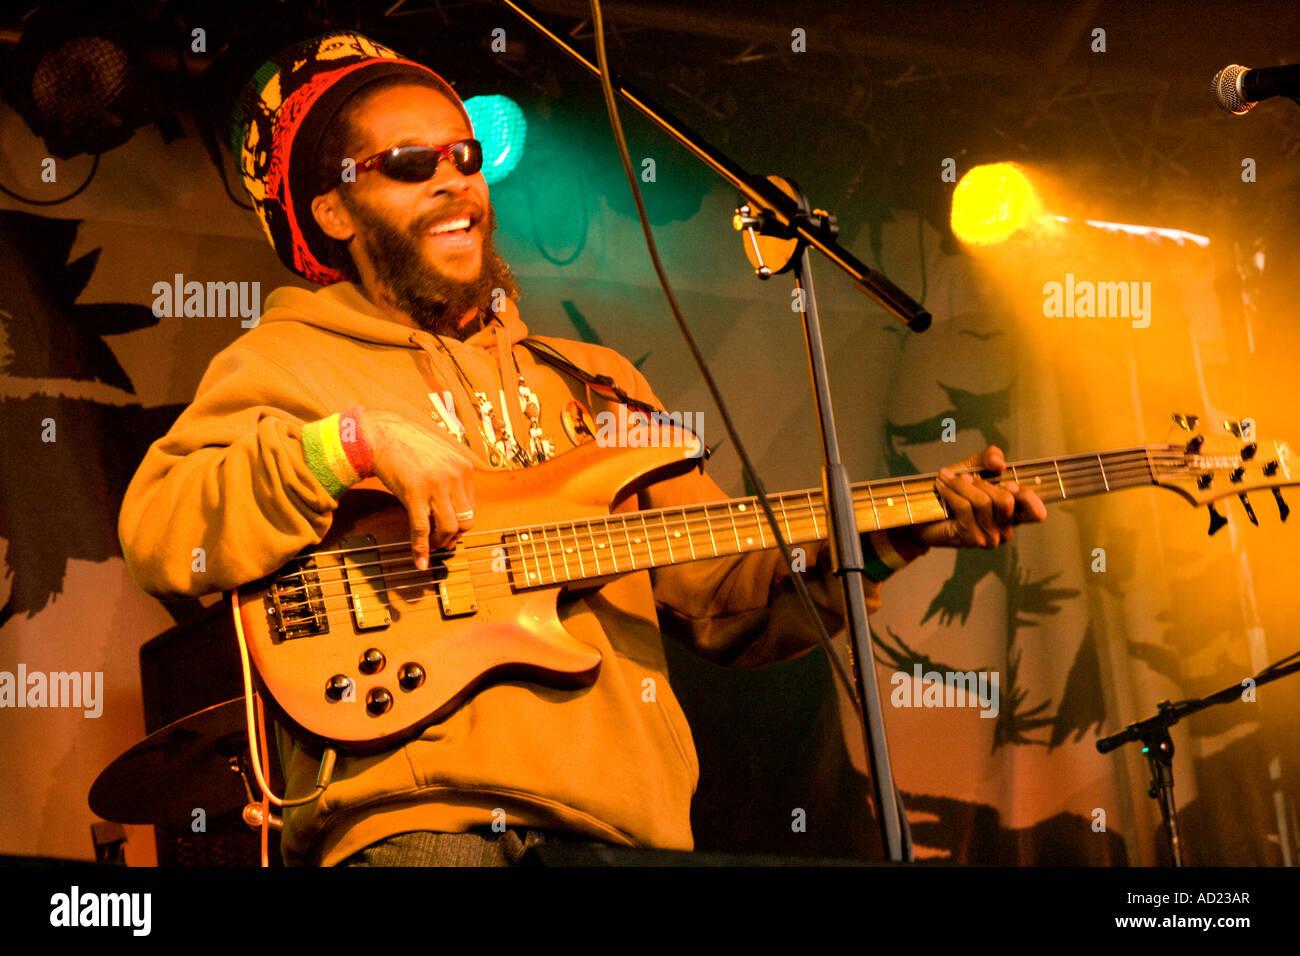 The Wickerman Music Festival Easy Star All Stars on stage reggae jamaican singer Dundrennan Kirkcudbright Scotland - Stock Image